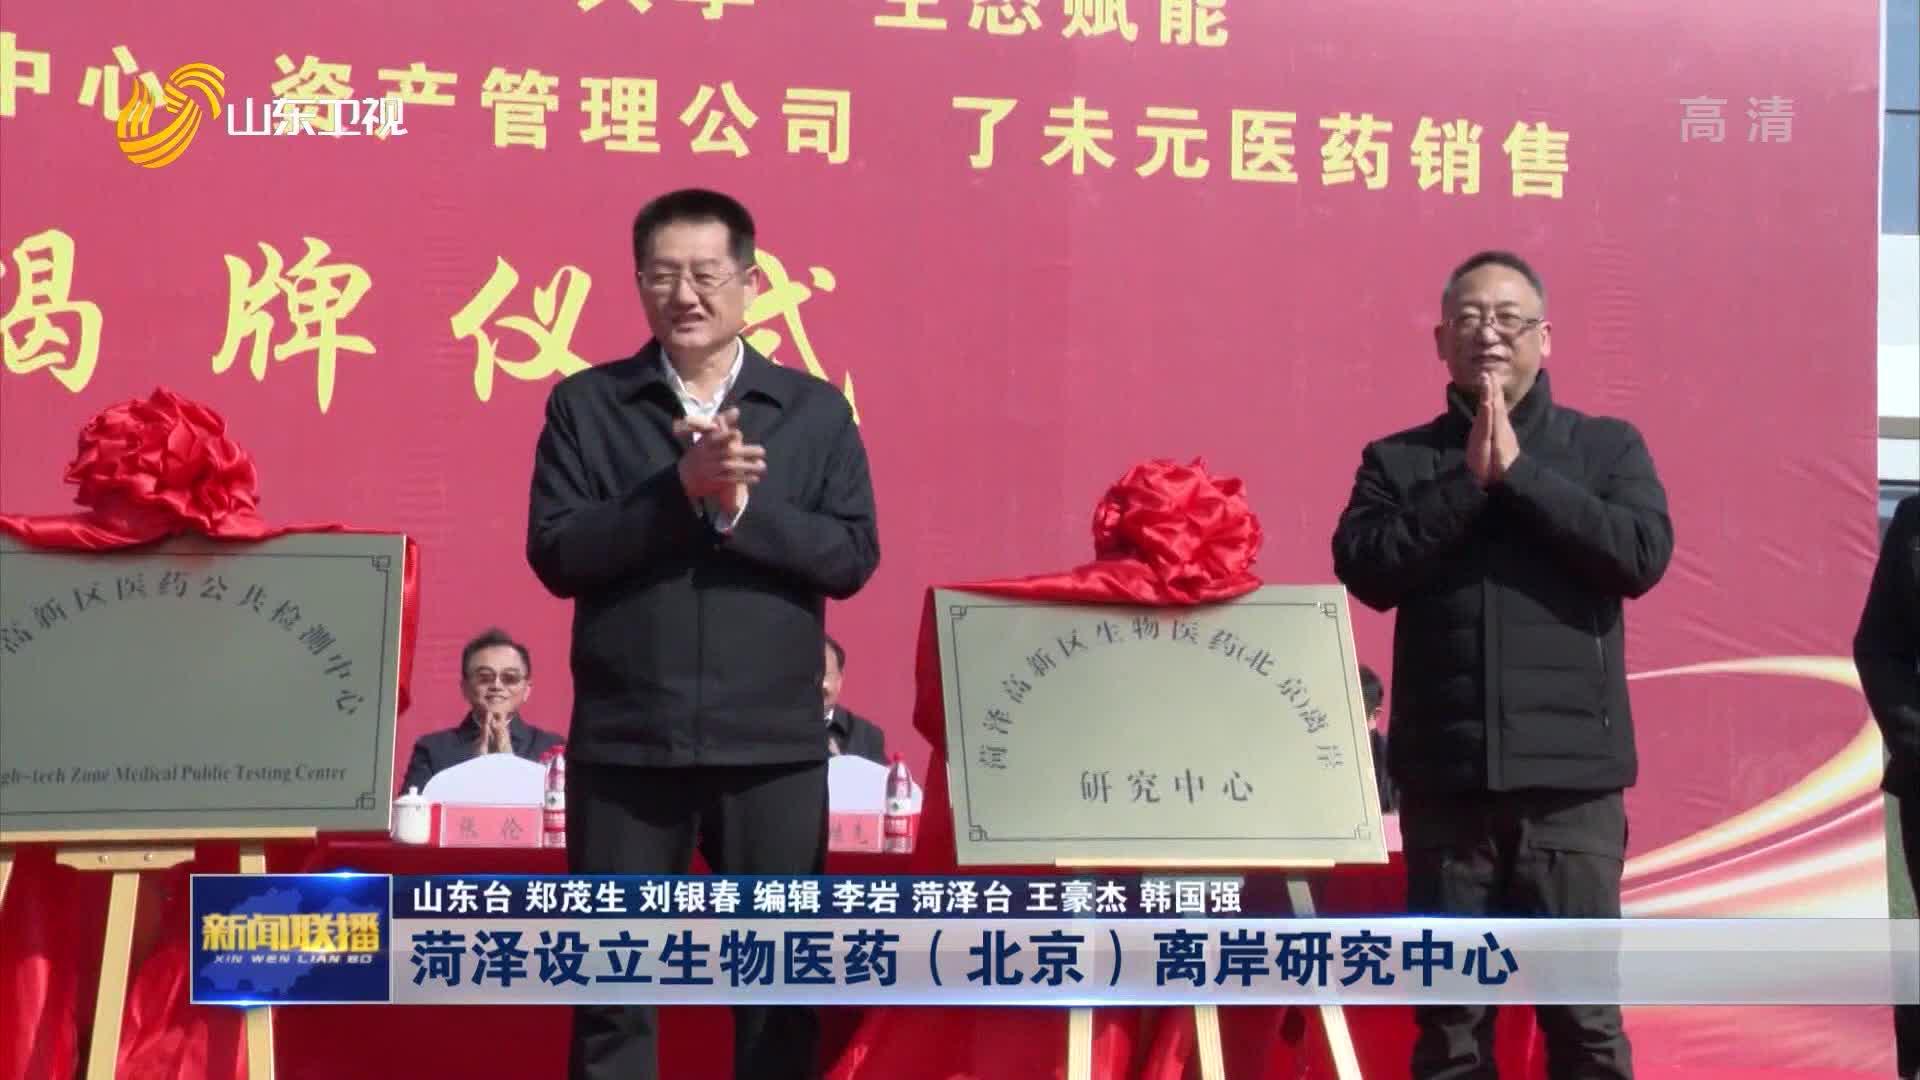 菏泽设立生物医药(北京)离岸研究中心